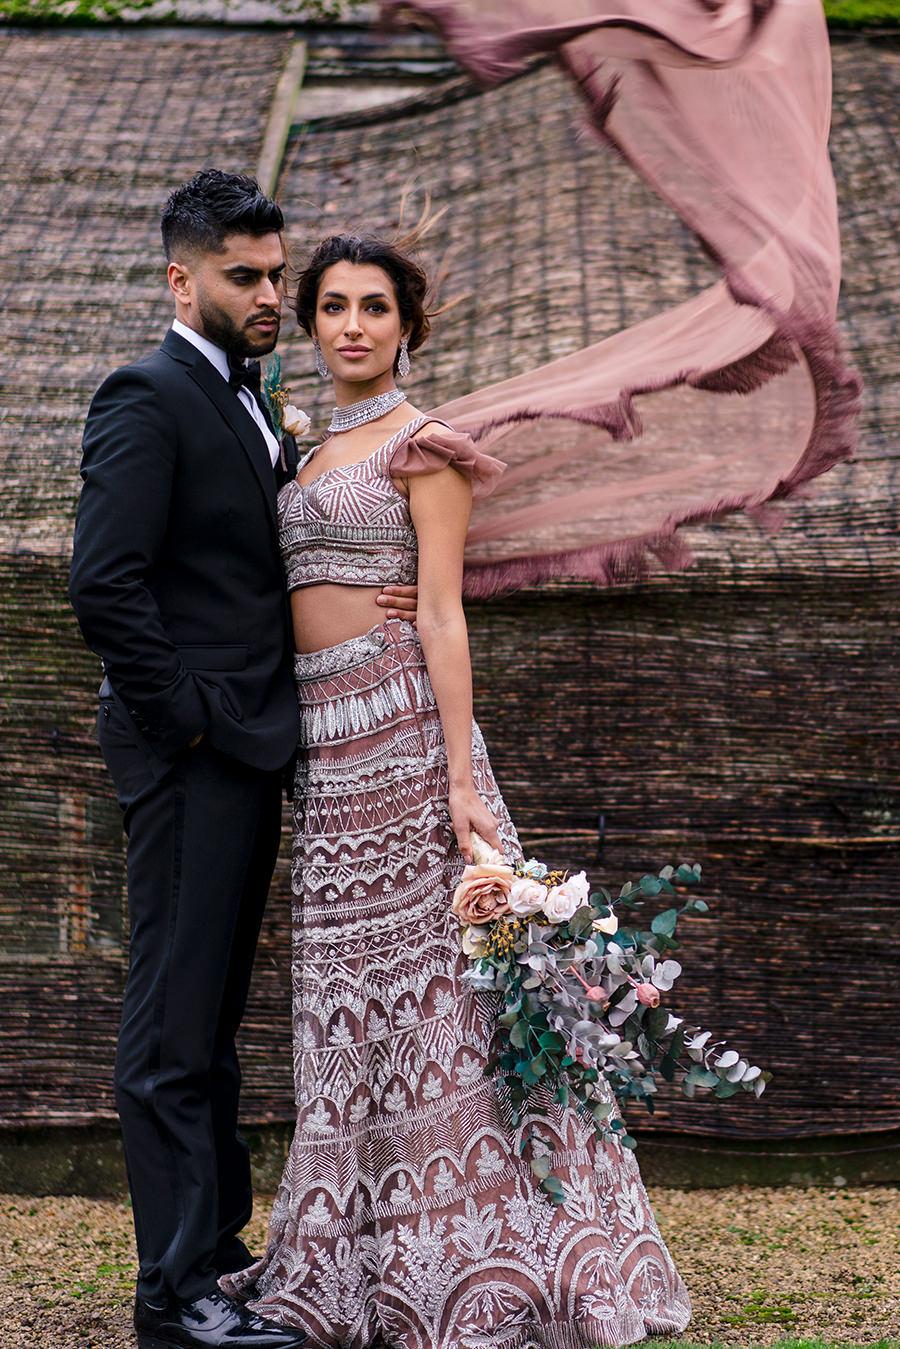 Ivory Events Stapleford Park wedding styled shoot (38)